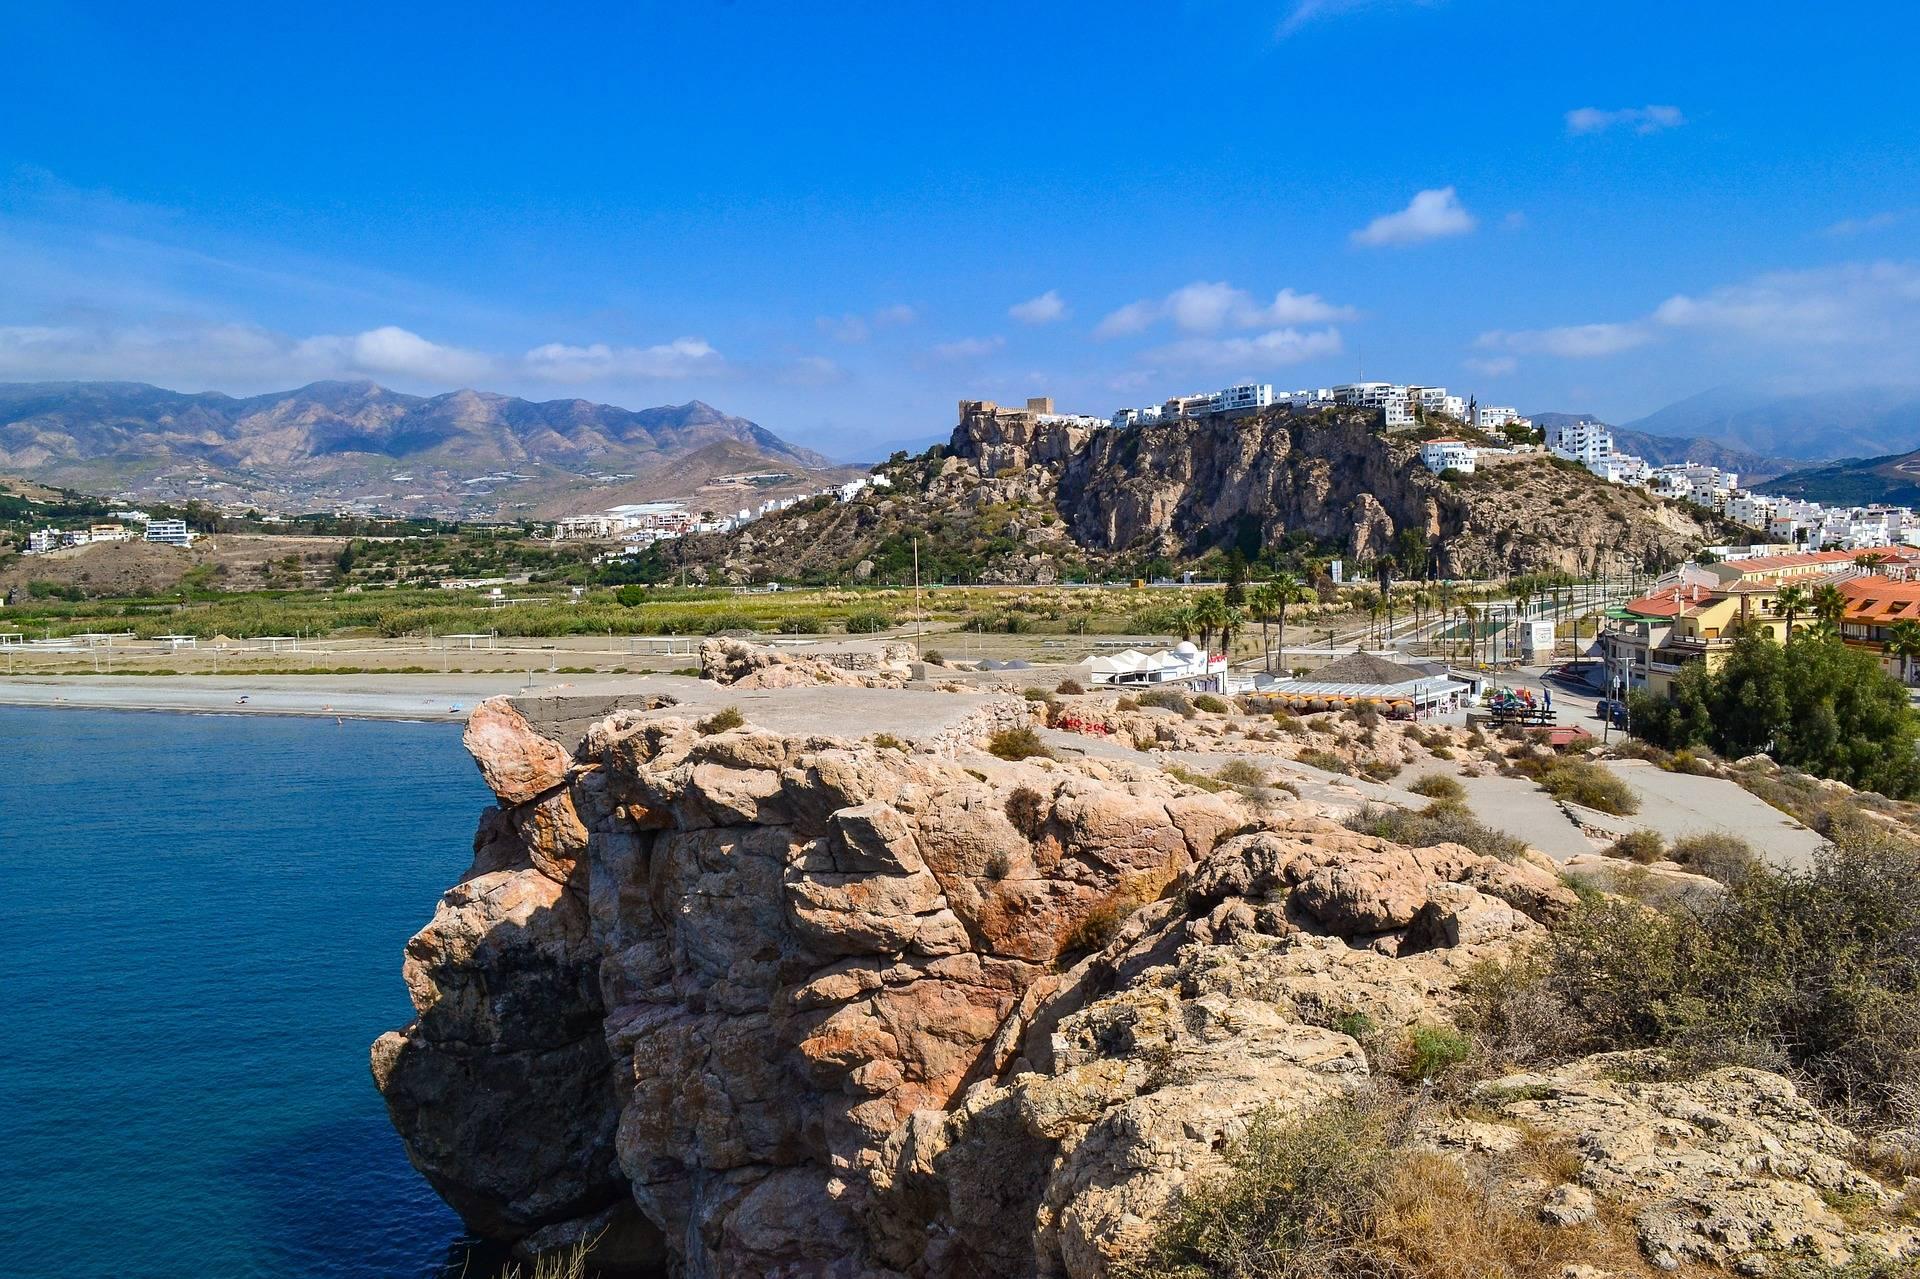 Las Mejores Playas De Granada Según El Público Estudiar Español Playa Del Peñón